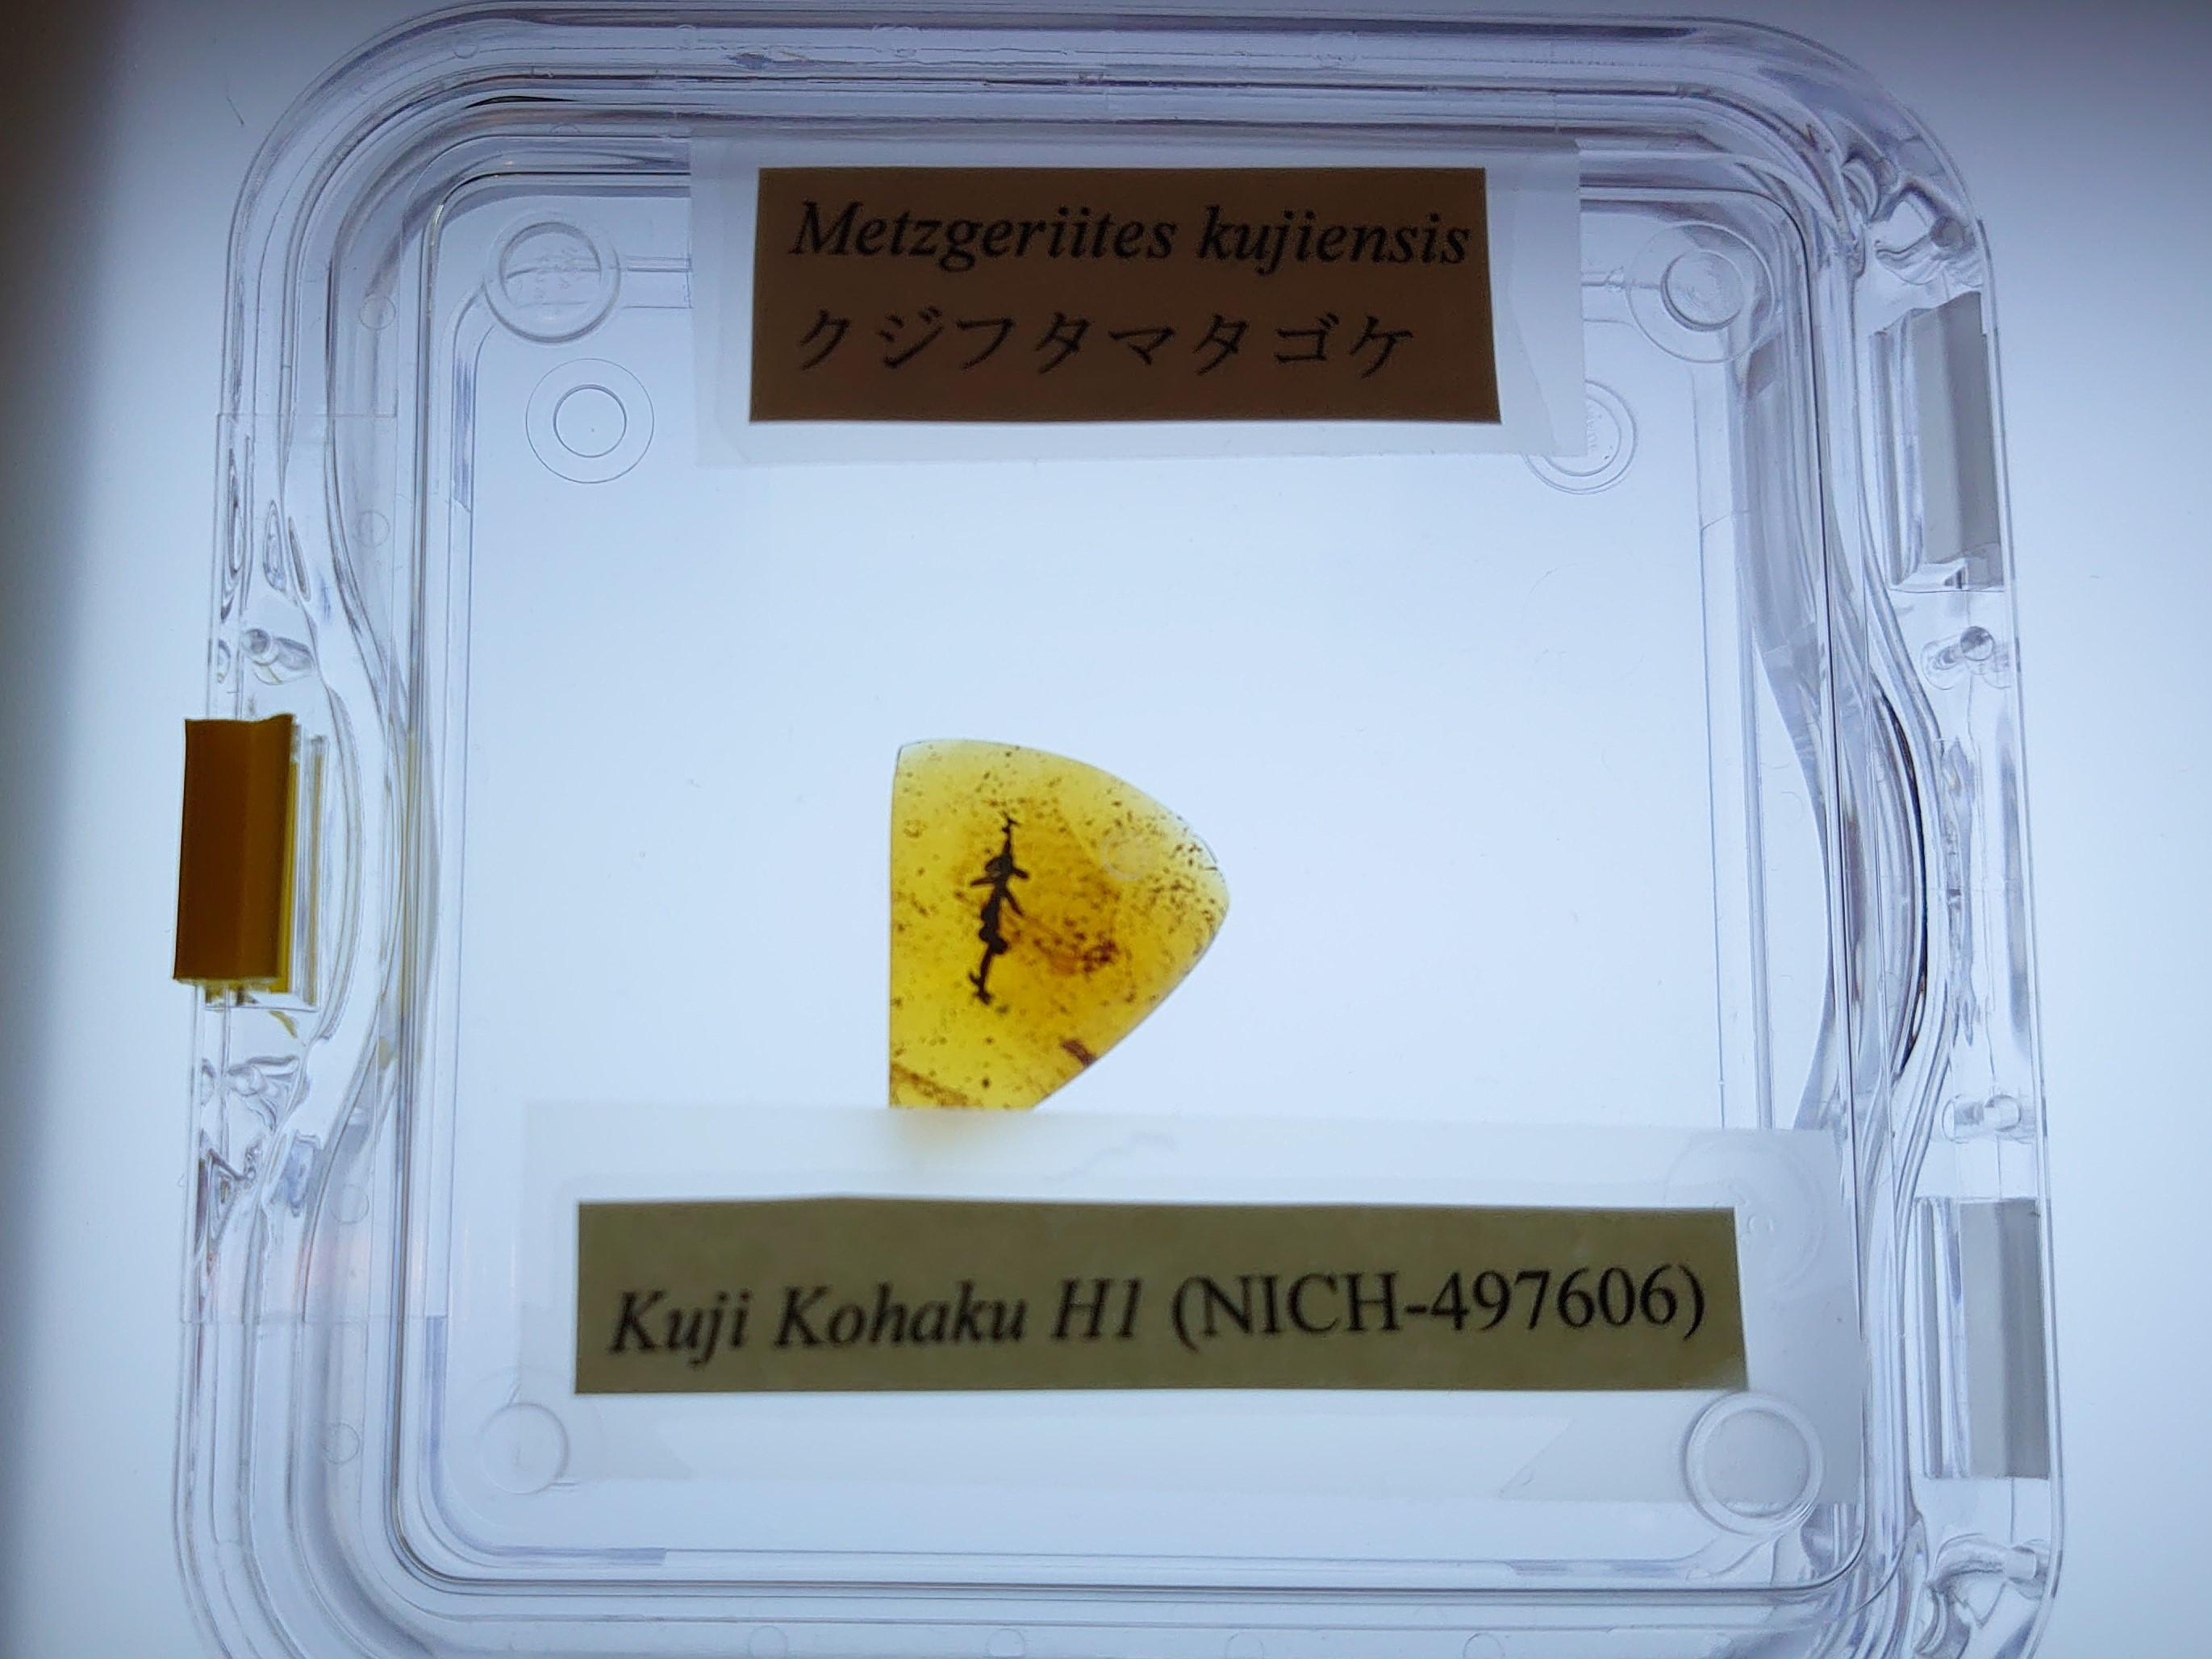 画像:久慈の琥珀から新種のコケが発見されました。